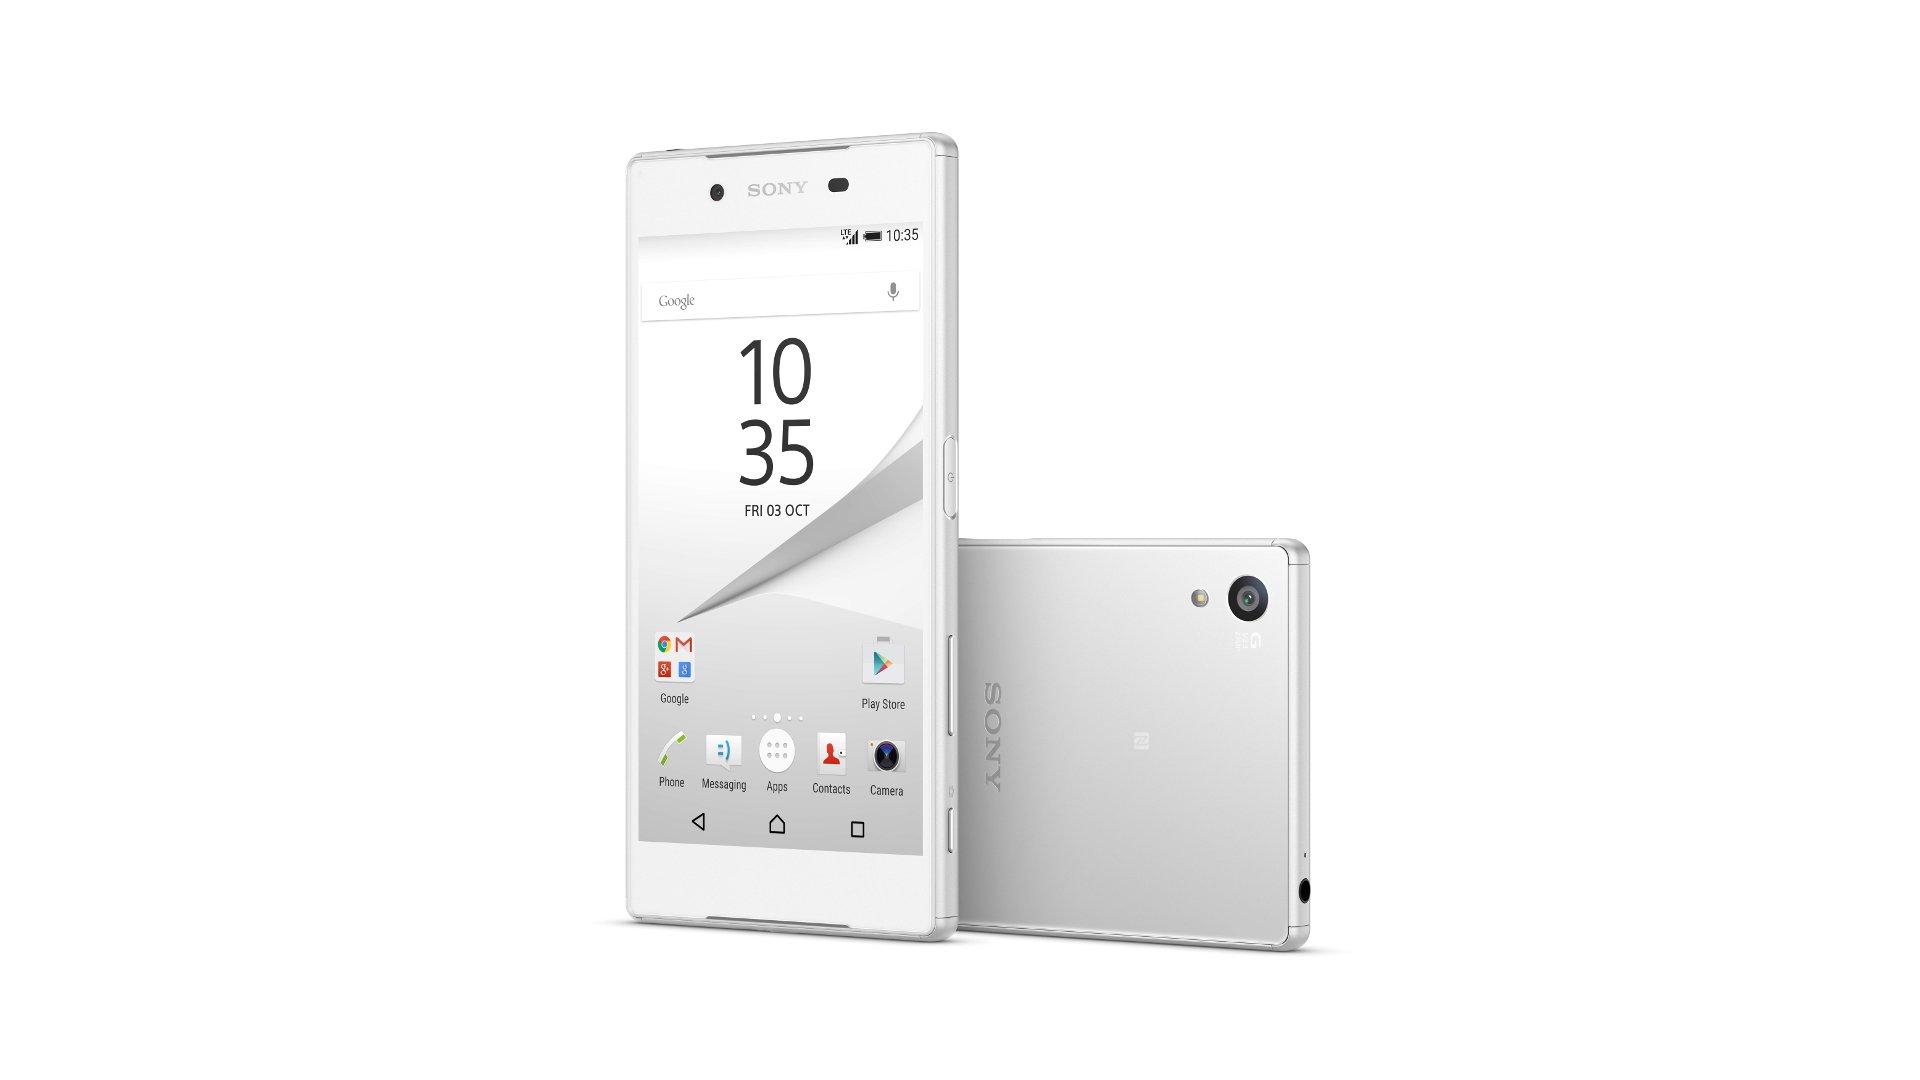 Xperia Z5 - White Color